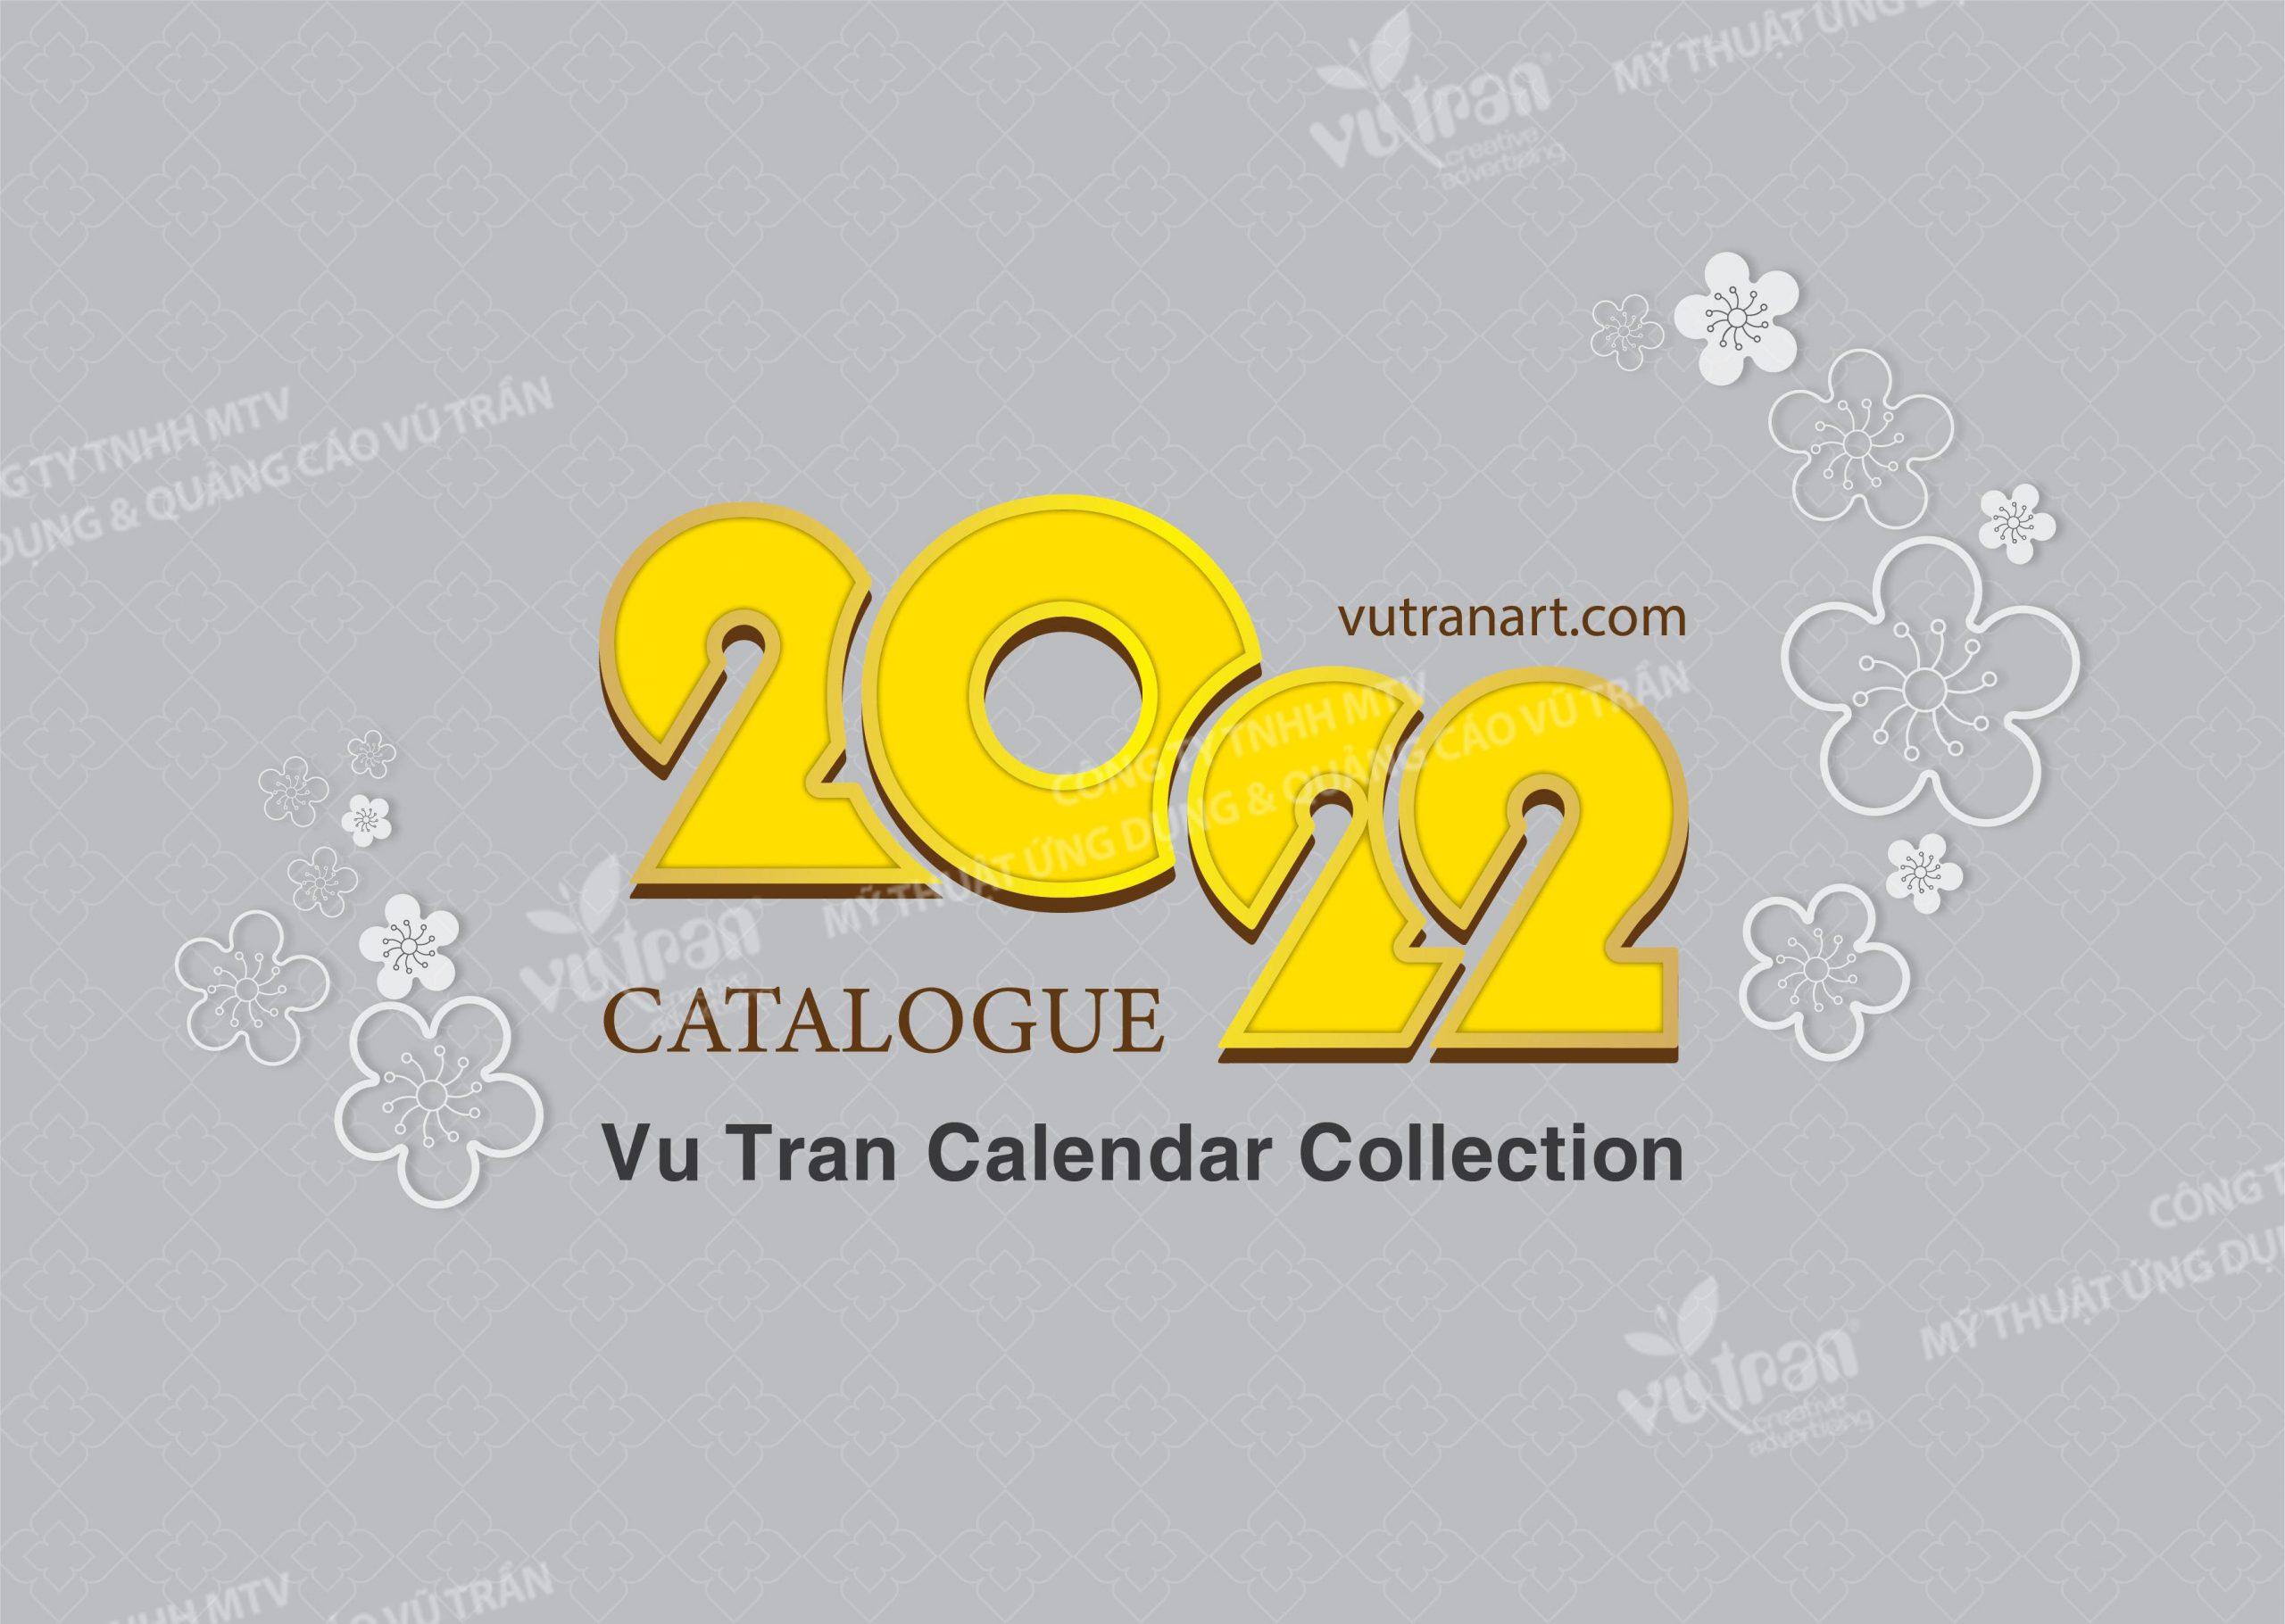 cataoogue calendar collection 2022 by Vutranart